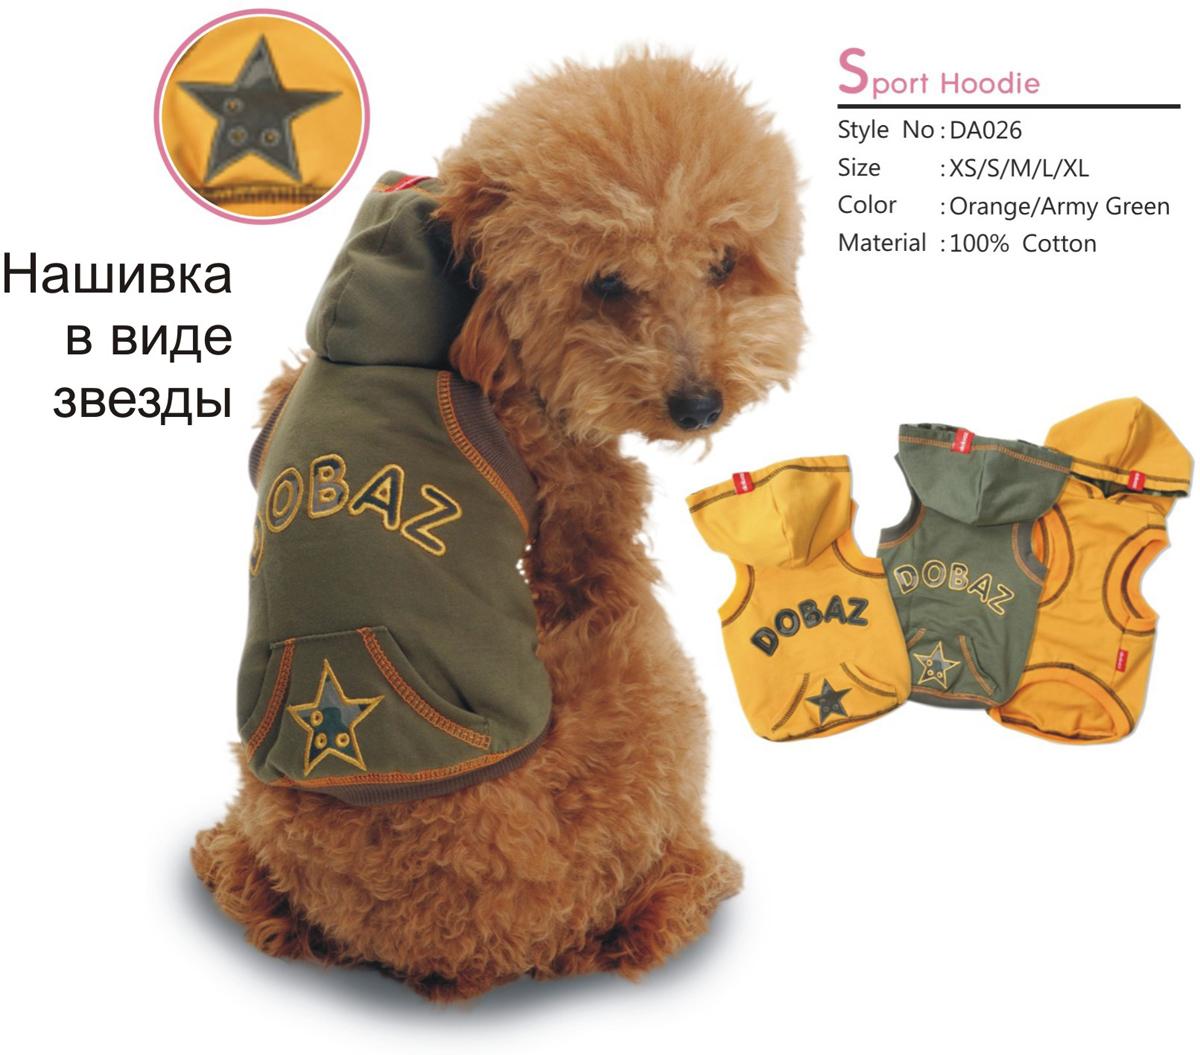 Майка для собак Dobaz, унисекс, цвет: хаки. ДА026БХЛ. Размер XLДА026БХЛМайка с капюшоном Dobaz выполнена из 100% хлопка. Майка не имеет рукавов, поэтому комфортно сидит и не сковывает движений. Спинка украшена оригинальной нашивкой в виде звезды и дополнена карманом-кенгуру. В такой майке ваша собачка будет самой стильной на прогулке.Обхват шеи: 34 см.Обхват груди: 54 см.Длина спинки: 36 см.Одежда для собак: нужна ли она и как её выбрать. Статья OZON Гид